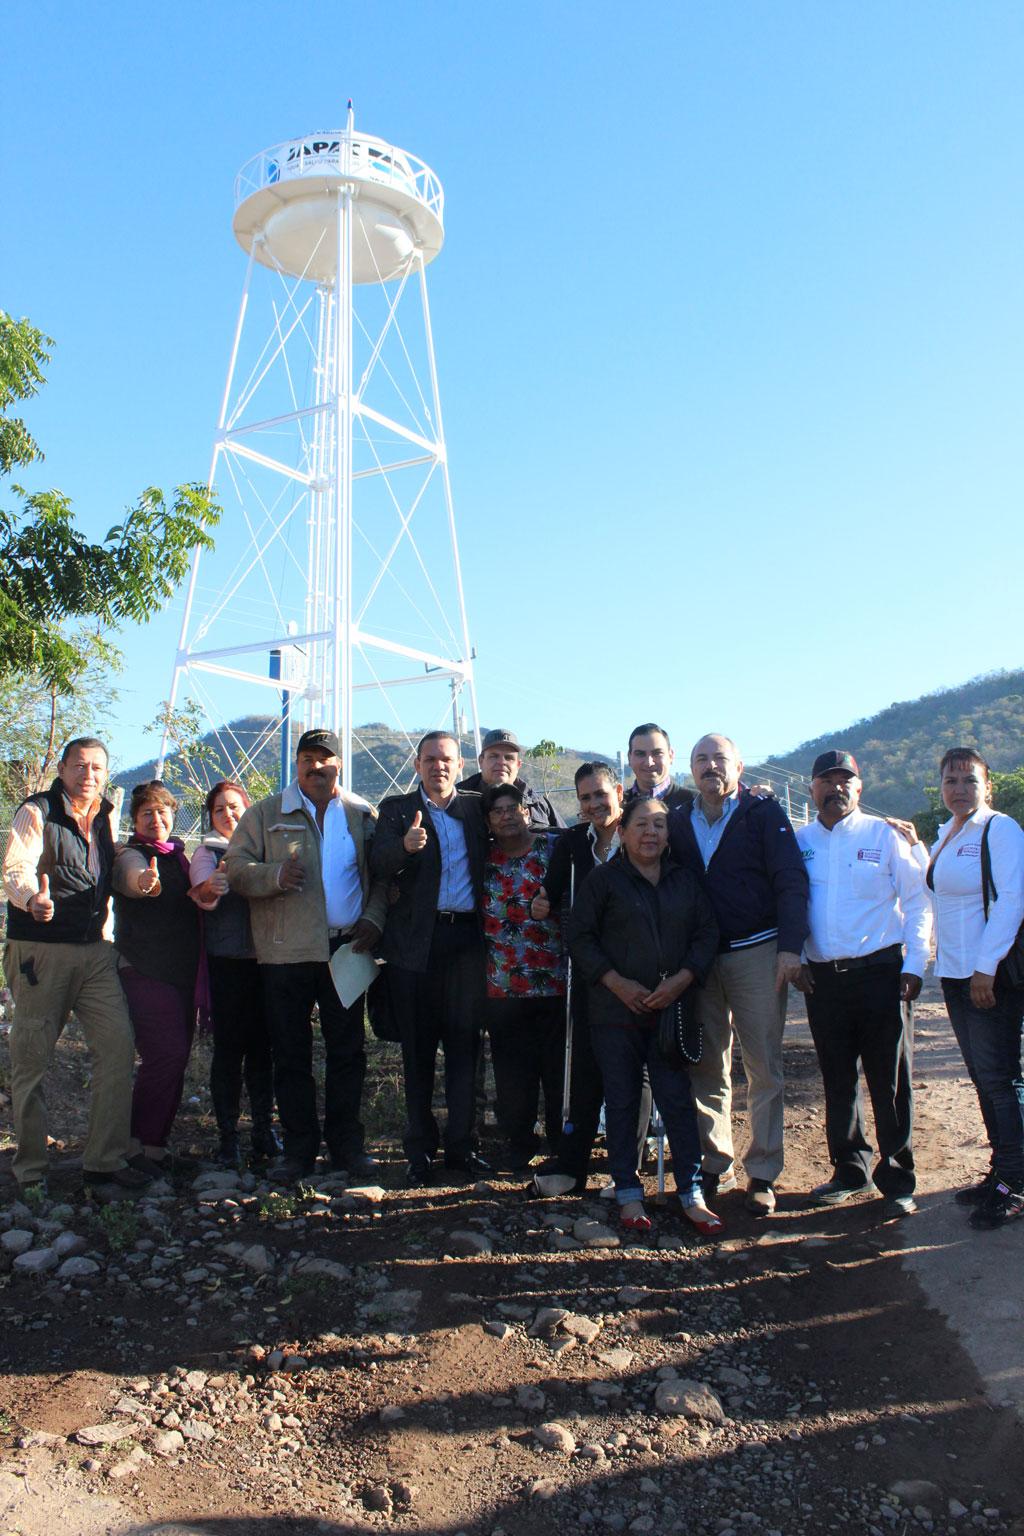 Noticias-2016-Agua-y-drenaje-para-las-comunidades-mas-apartadas-de-Culiacan-03